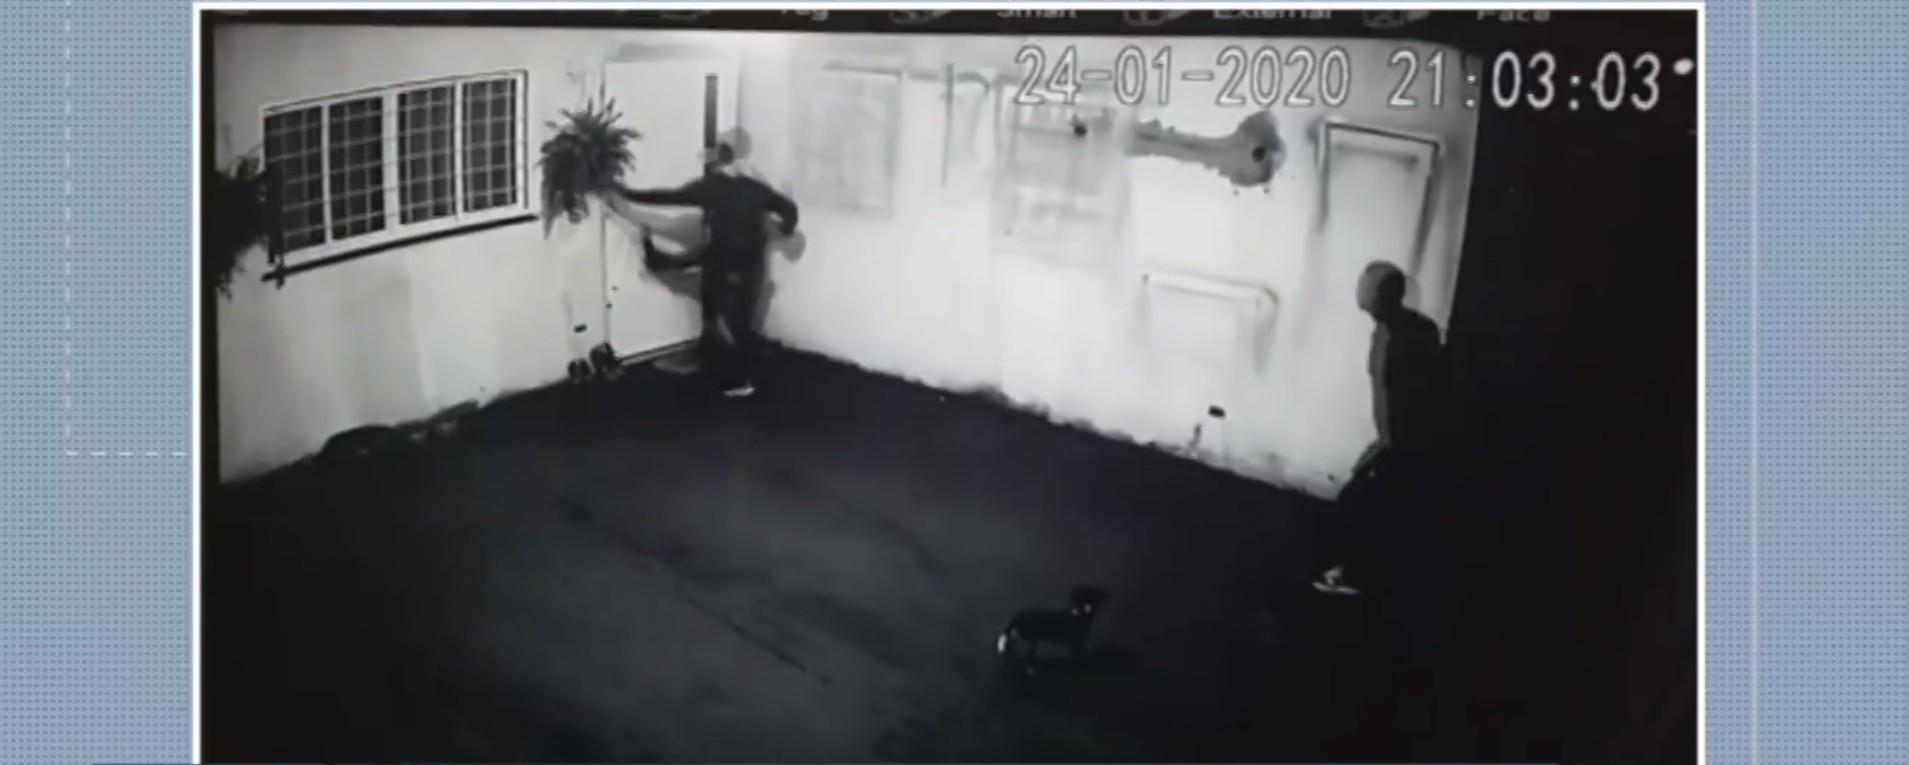 Ladrão tenta invadir casa com chutes, mas machuca a perna e desiste de furto em MS; VÍDEO